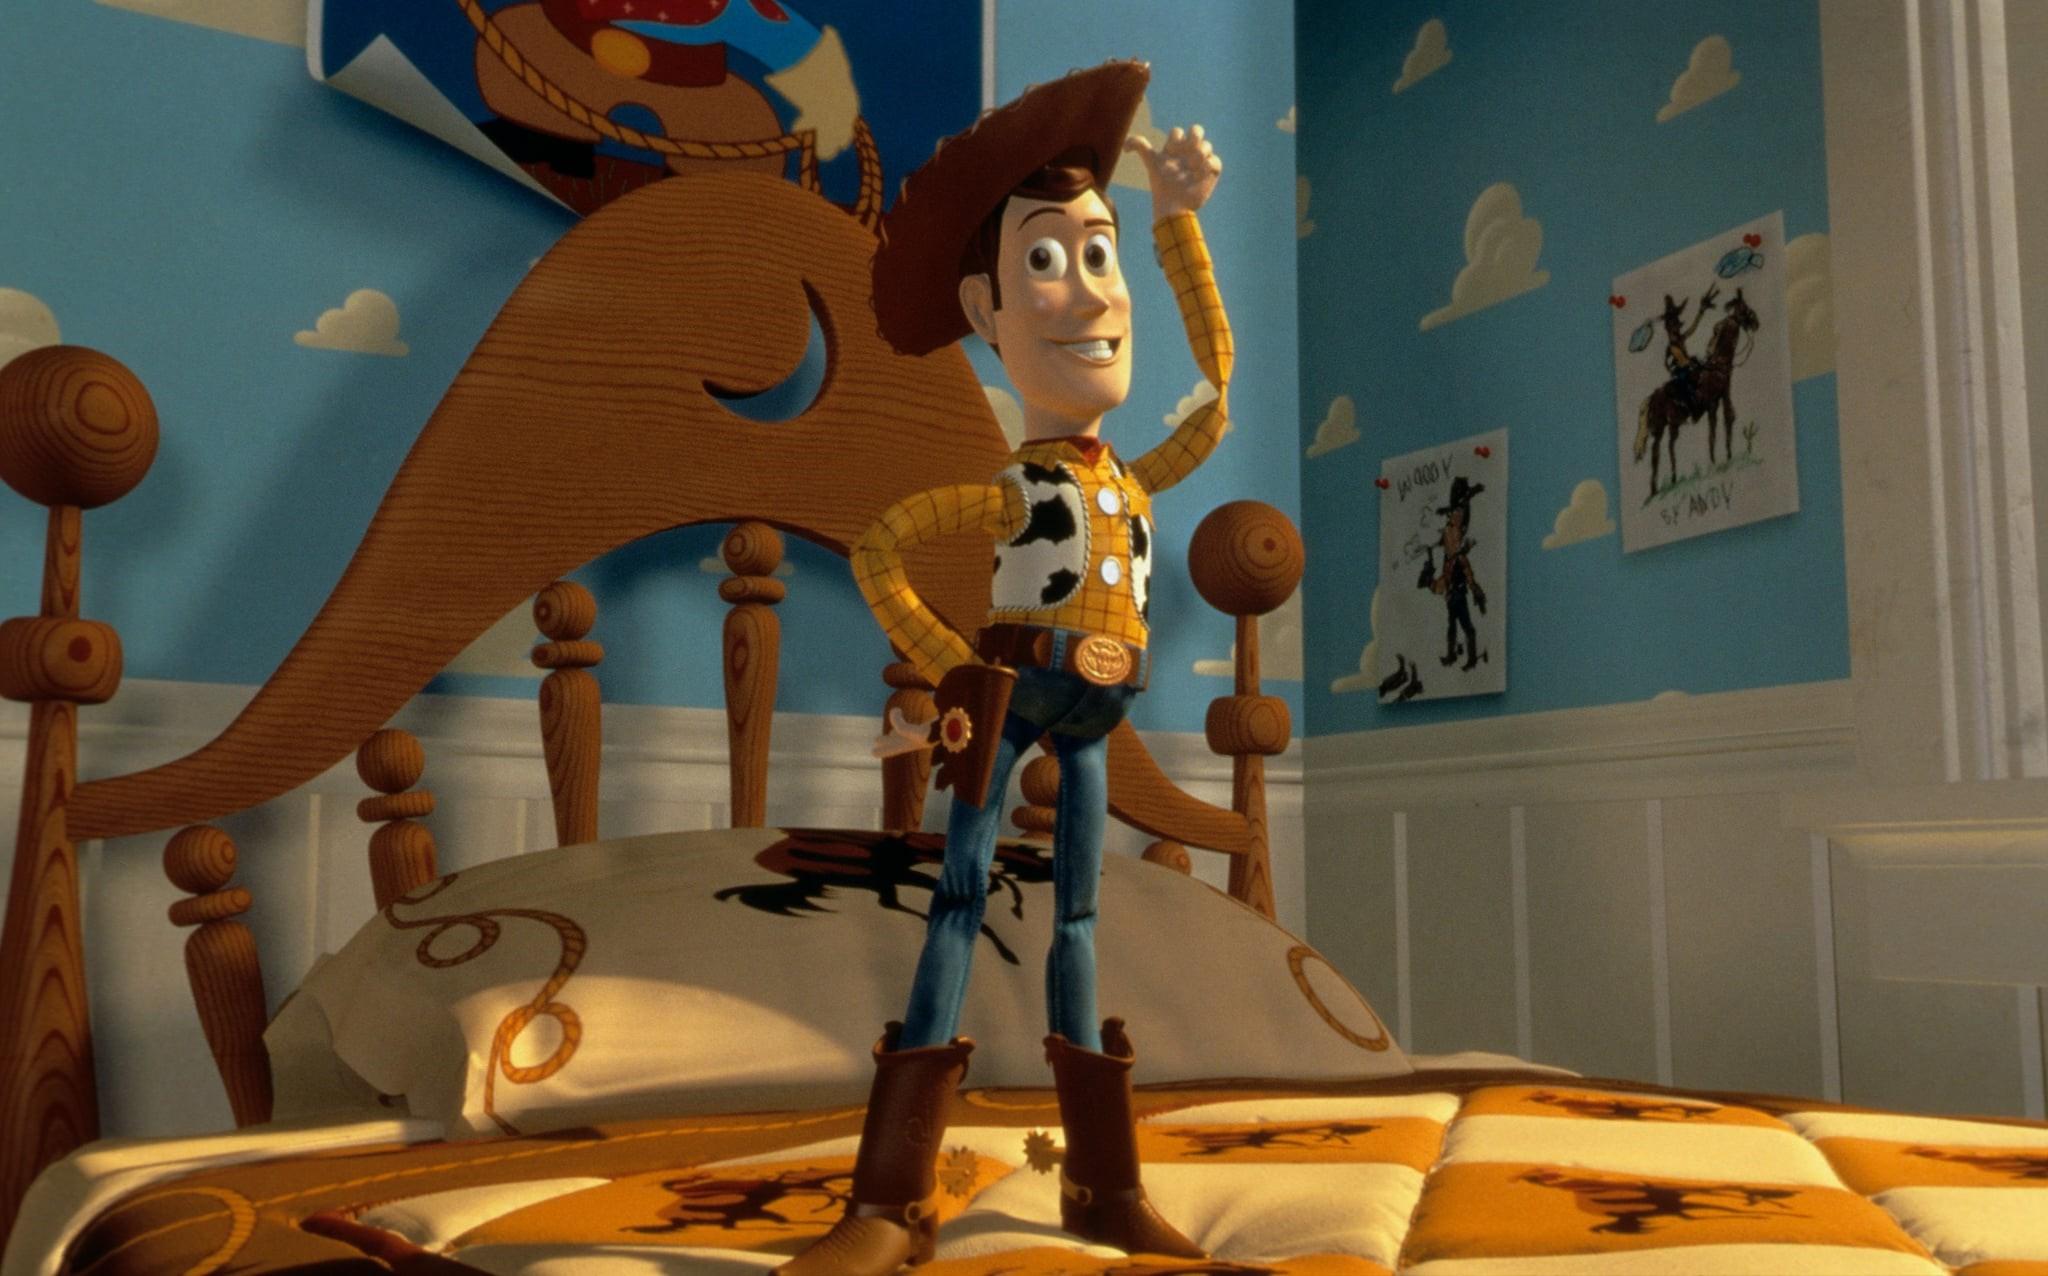 File:Woody 1.jpg